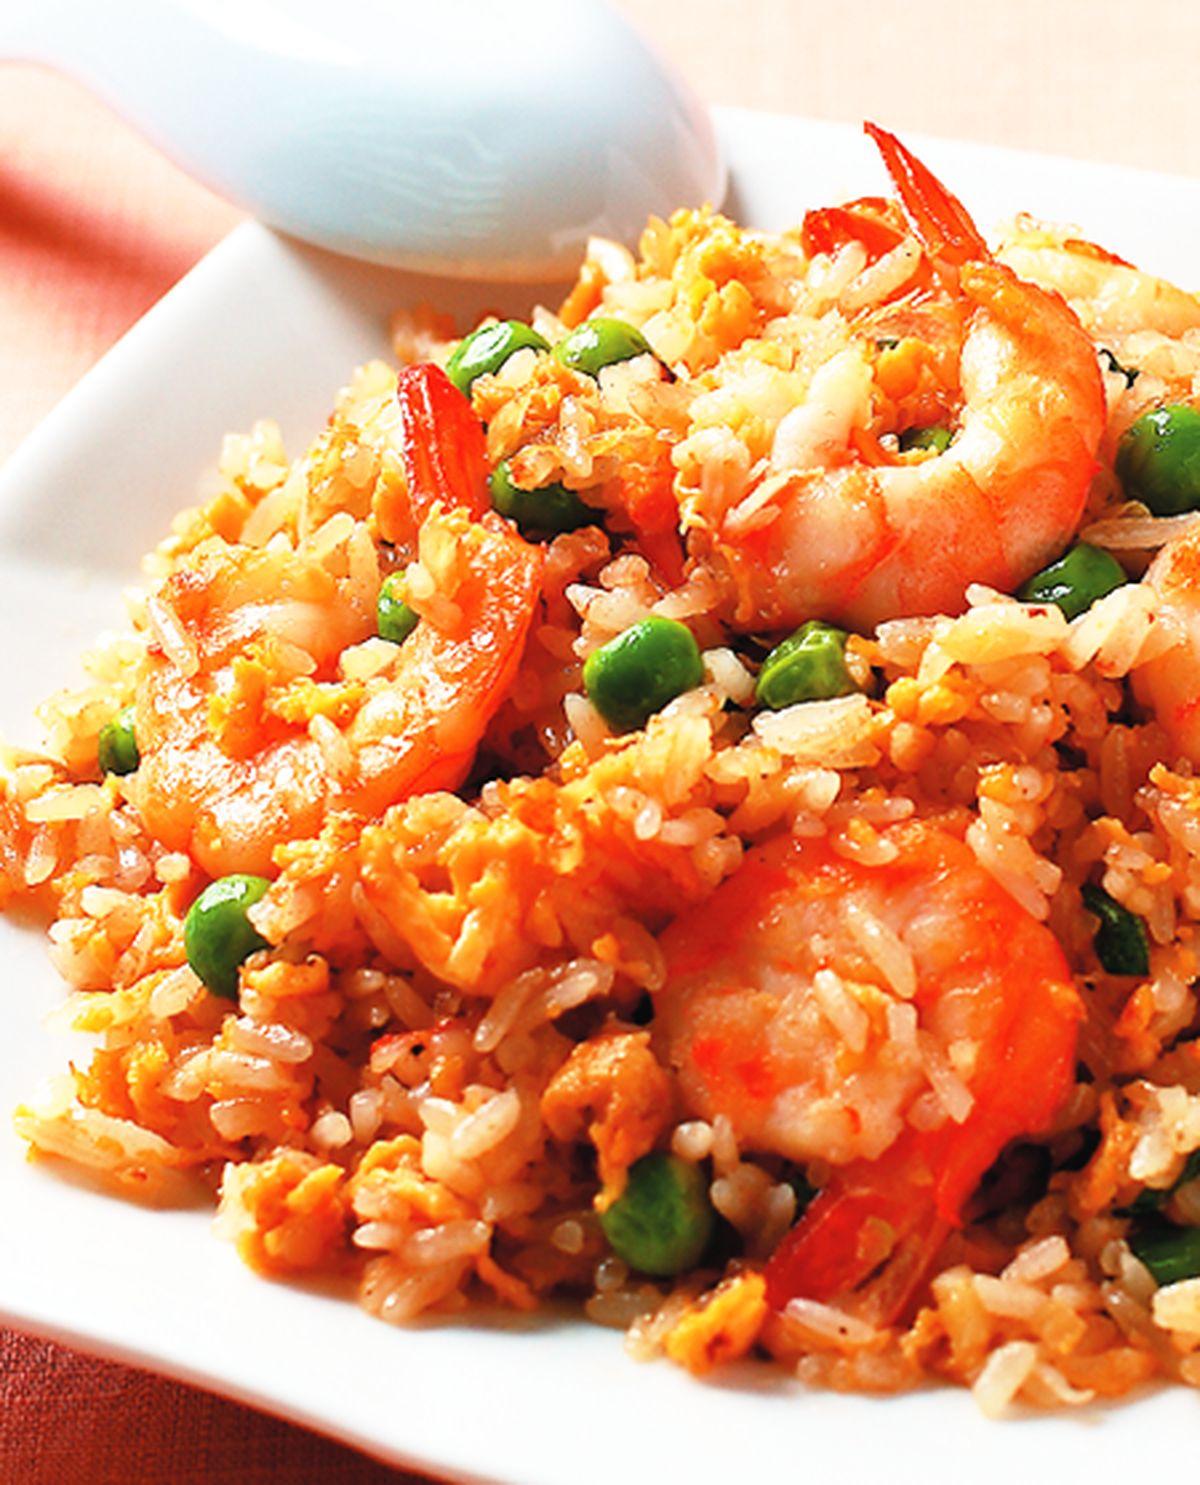 食譜:泰式蝦仁炒飯